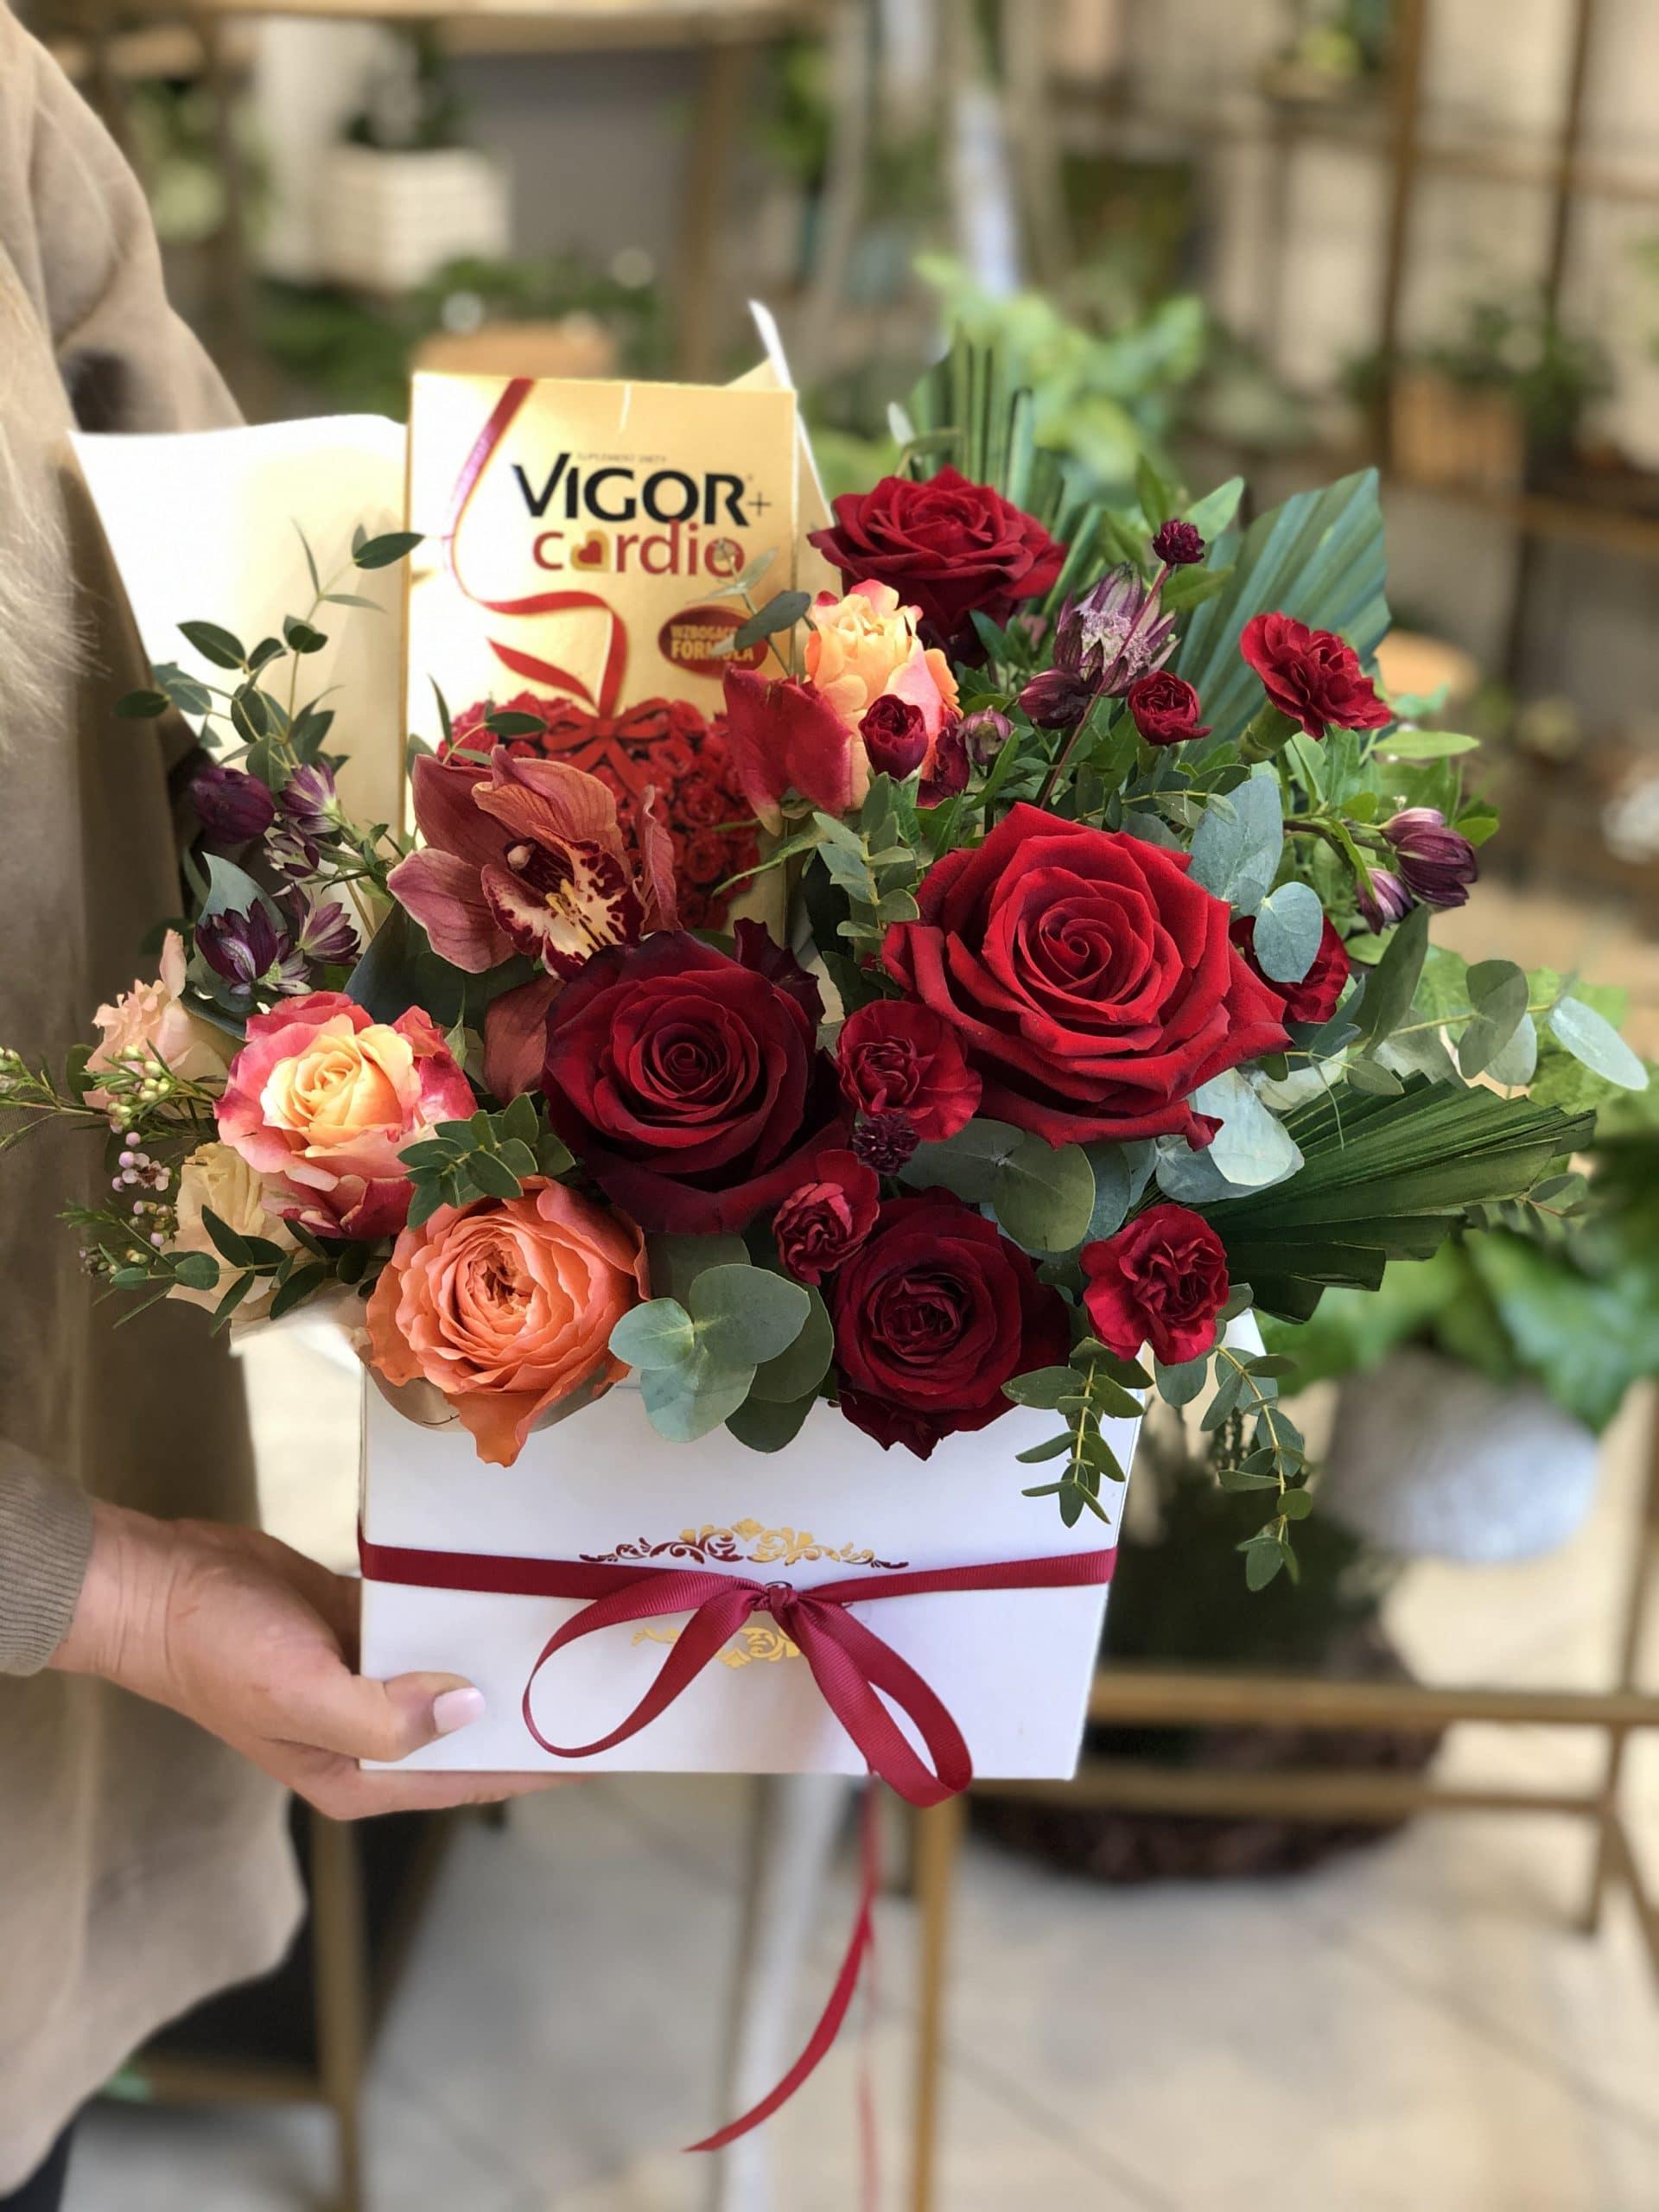 Flowerbox Vigor Cardio dla Babci i Dziadka